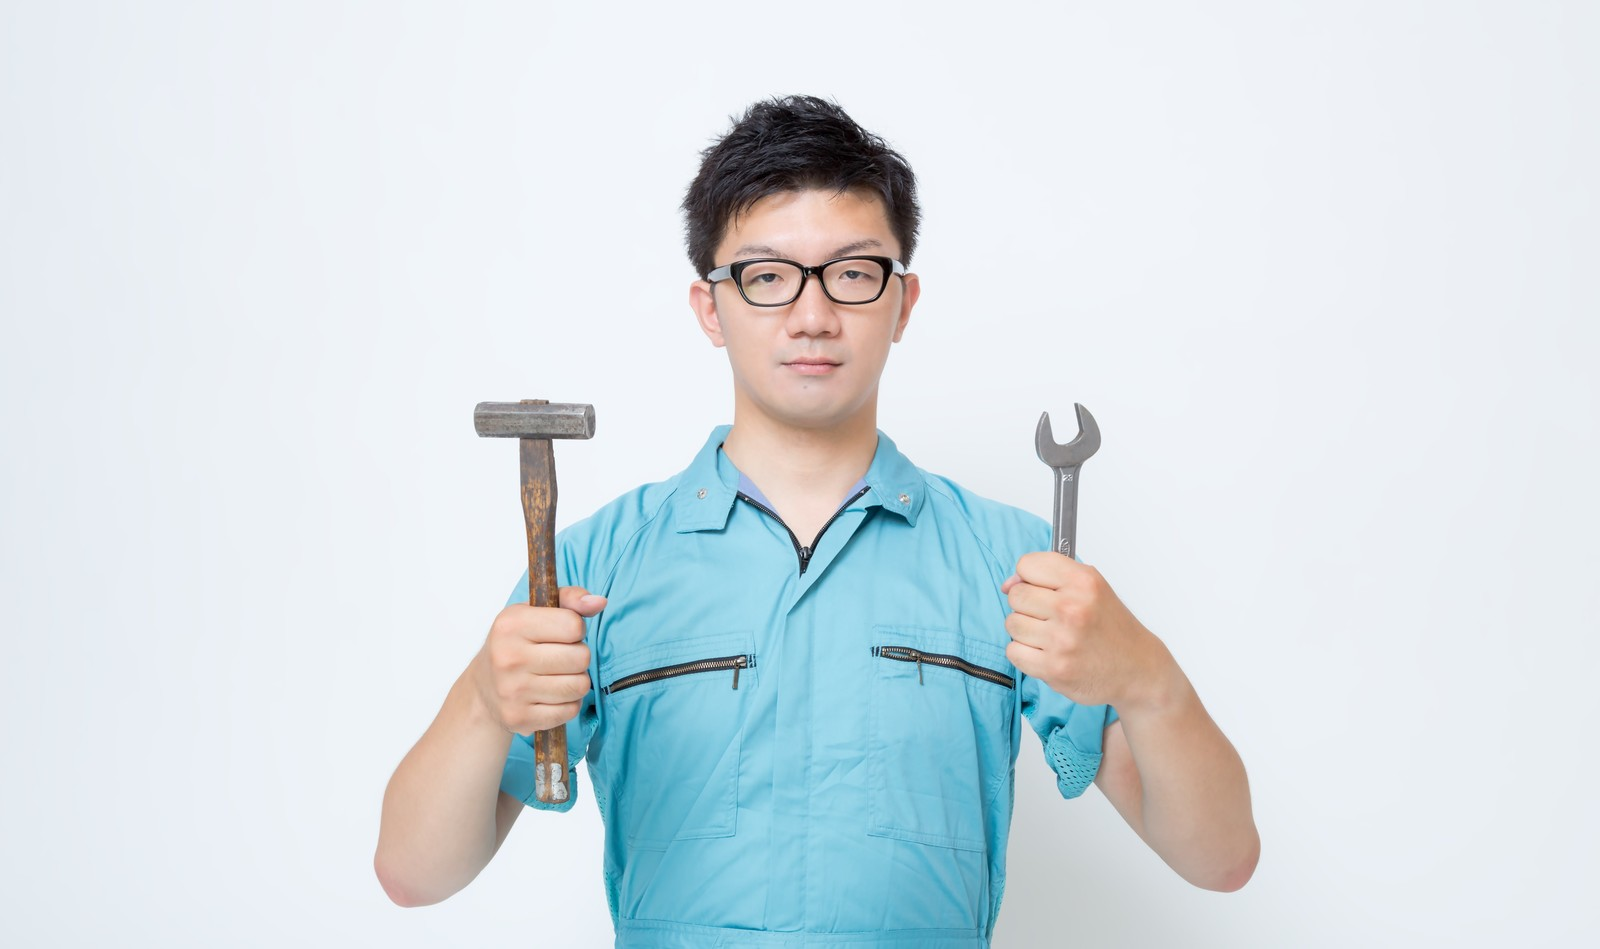 「使い古したハンマーとスパナを両手に持つ作業着の男性」の写真[モデル:OZPA]